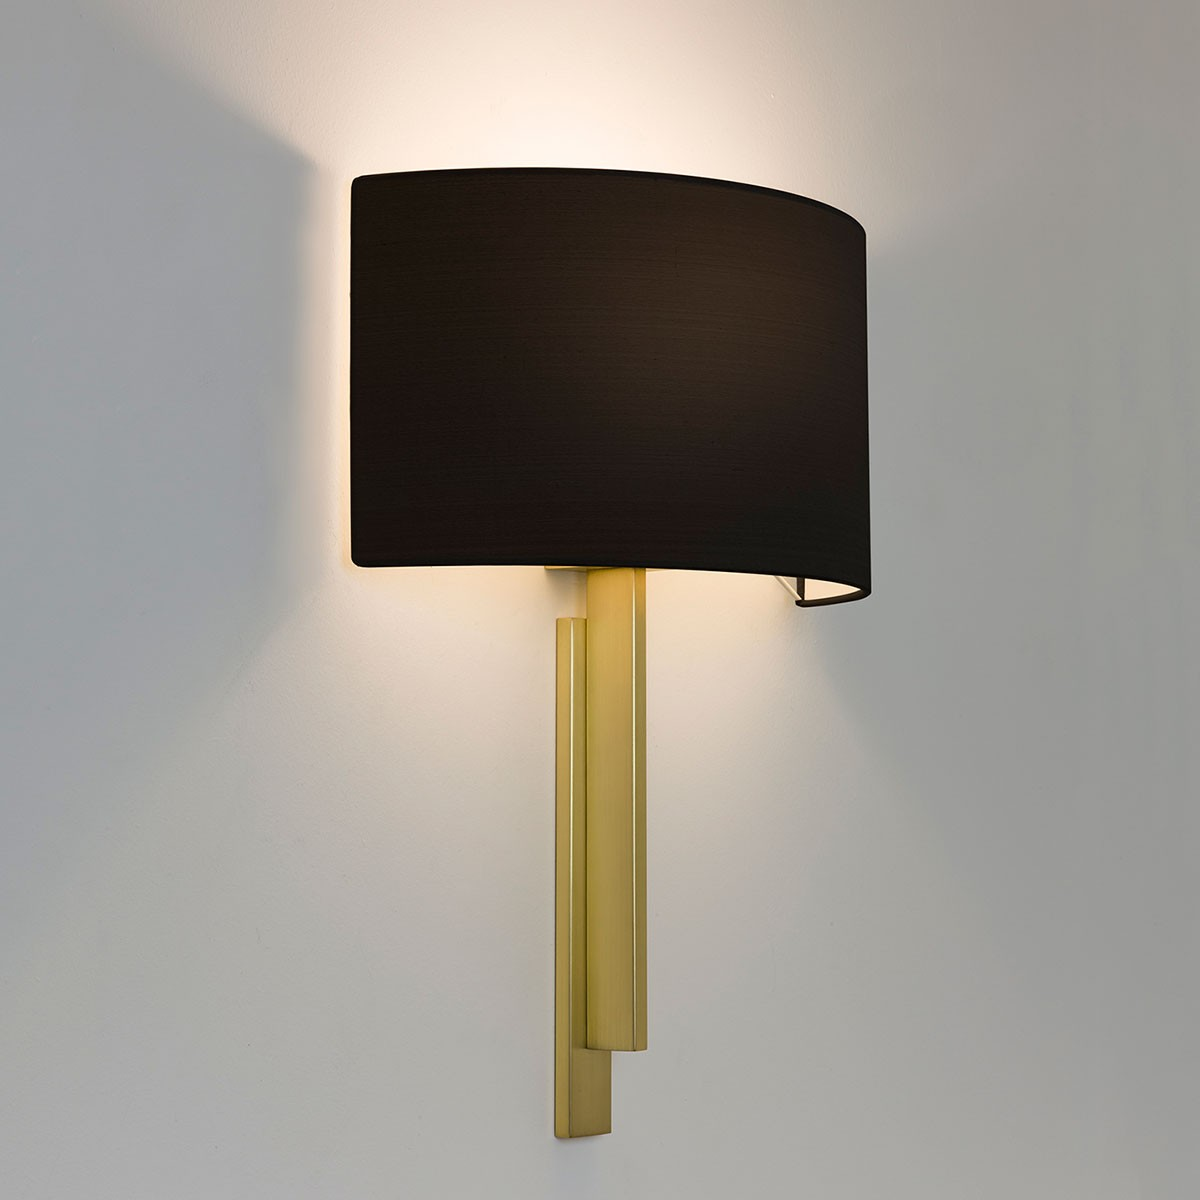 Matt Brass Wall Lights : Astro Tate Matt Brass Wall Light at UK Electrical Supplies.